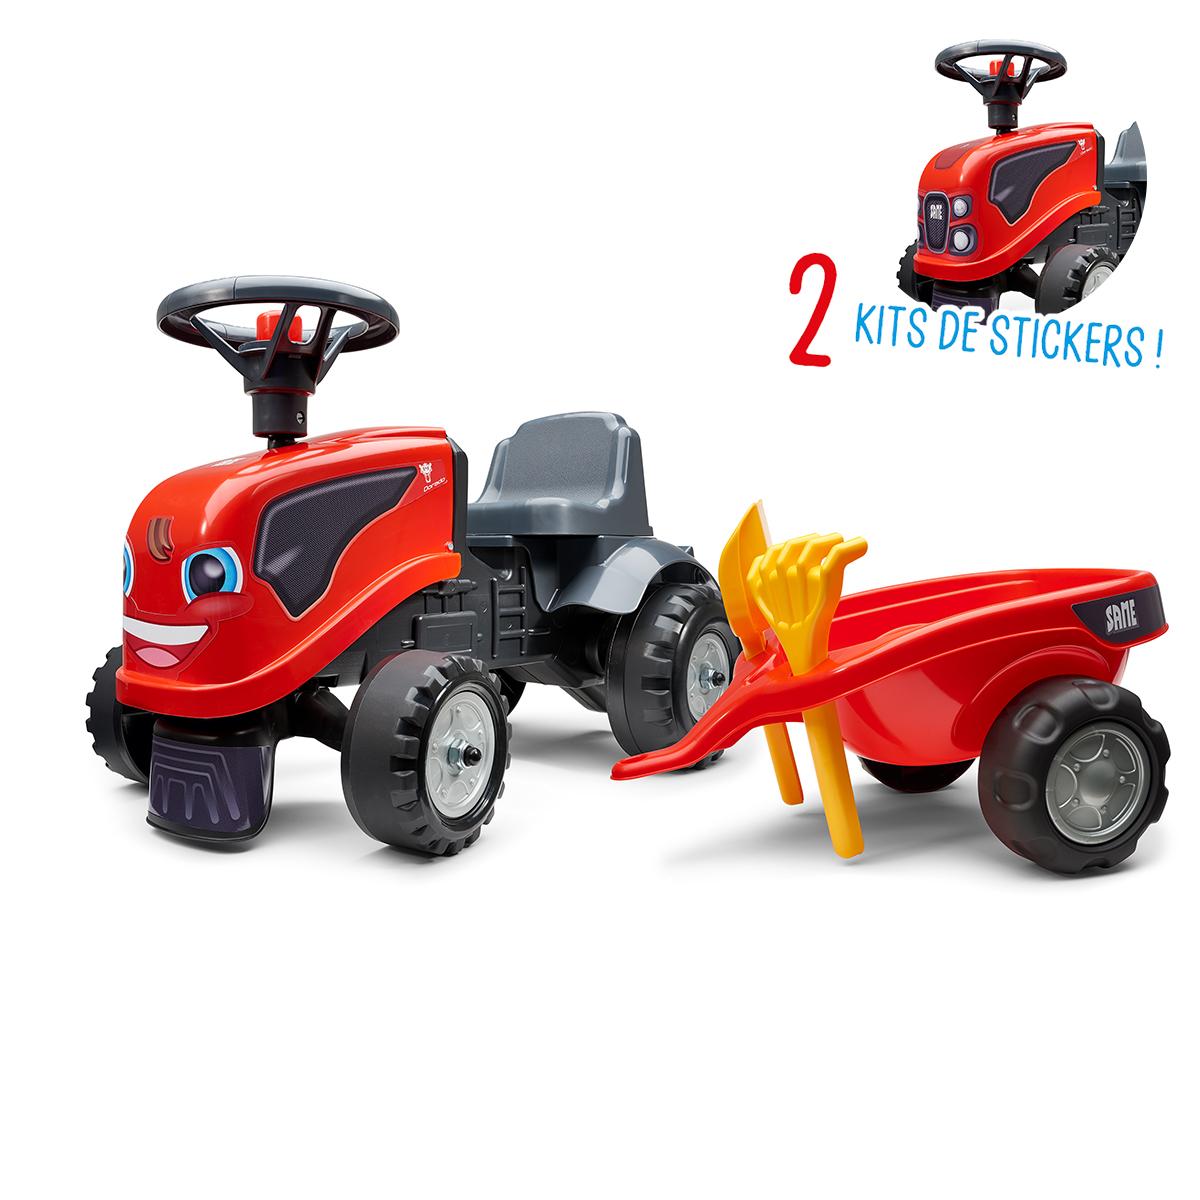 Porteur Falk tracteur Same avec remorque - pelle et rateau - Rouge